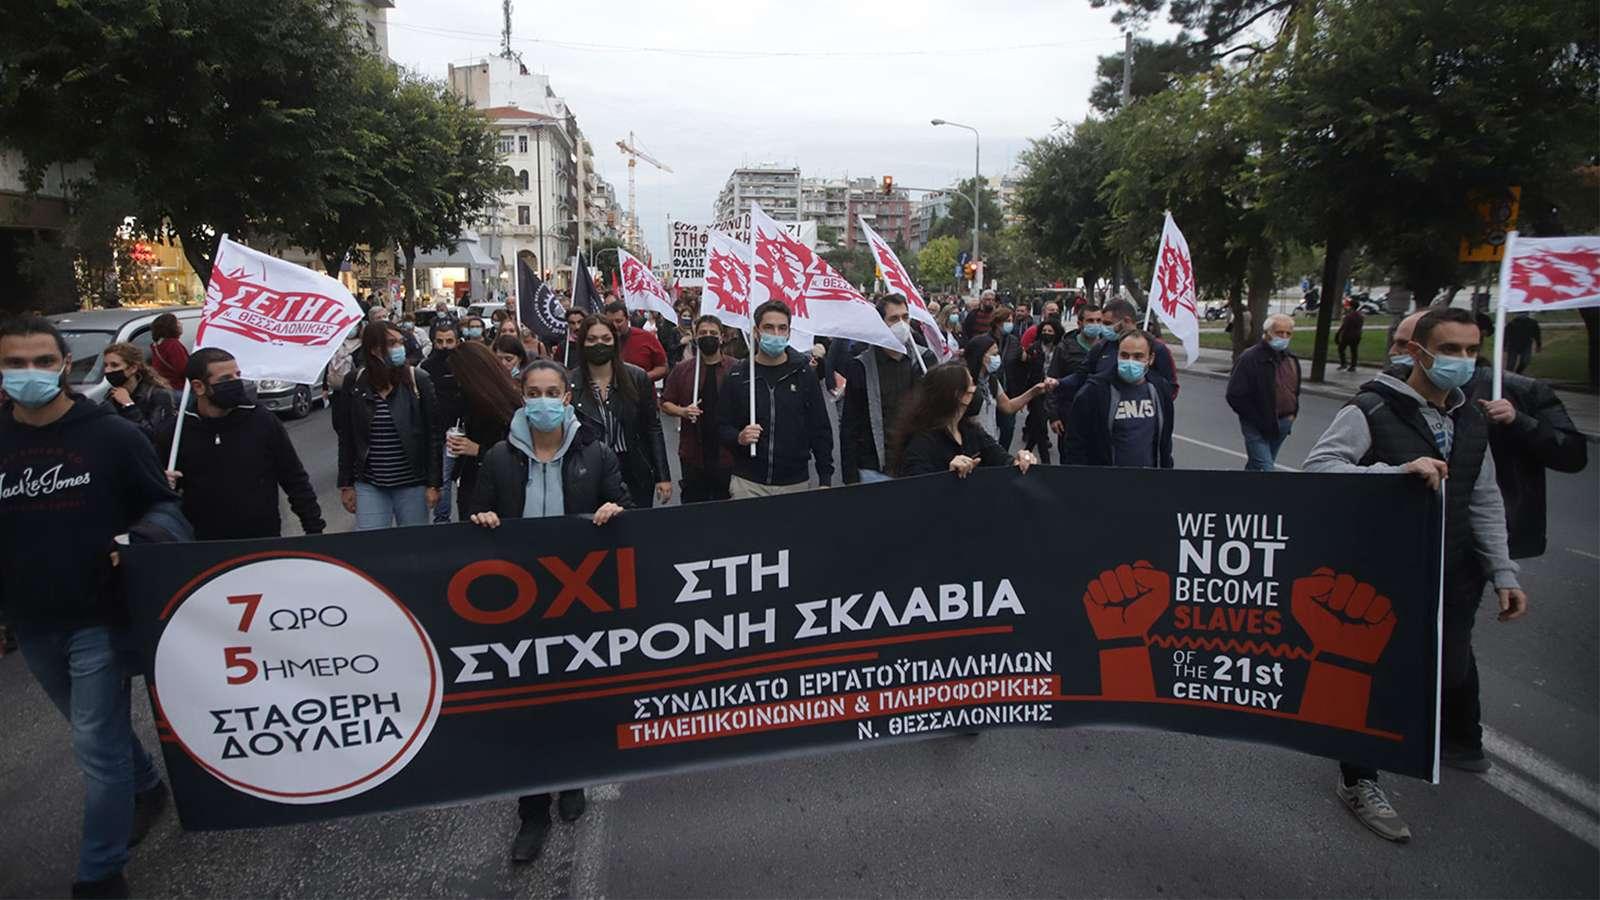 Θεσσαλονίκη «Δεν ξεχνάμε Το φασισμό και το σύστημα που τον γεννά πολεμάμε»